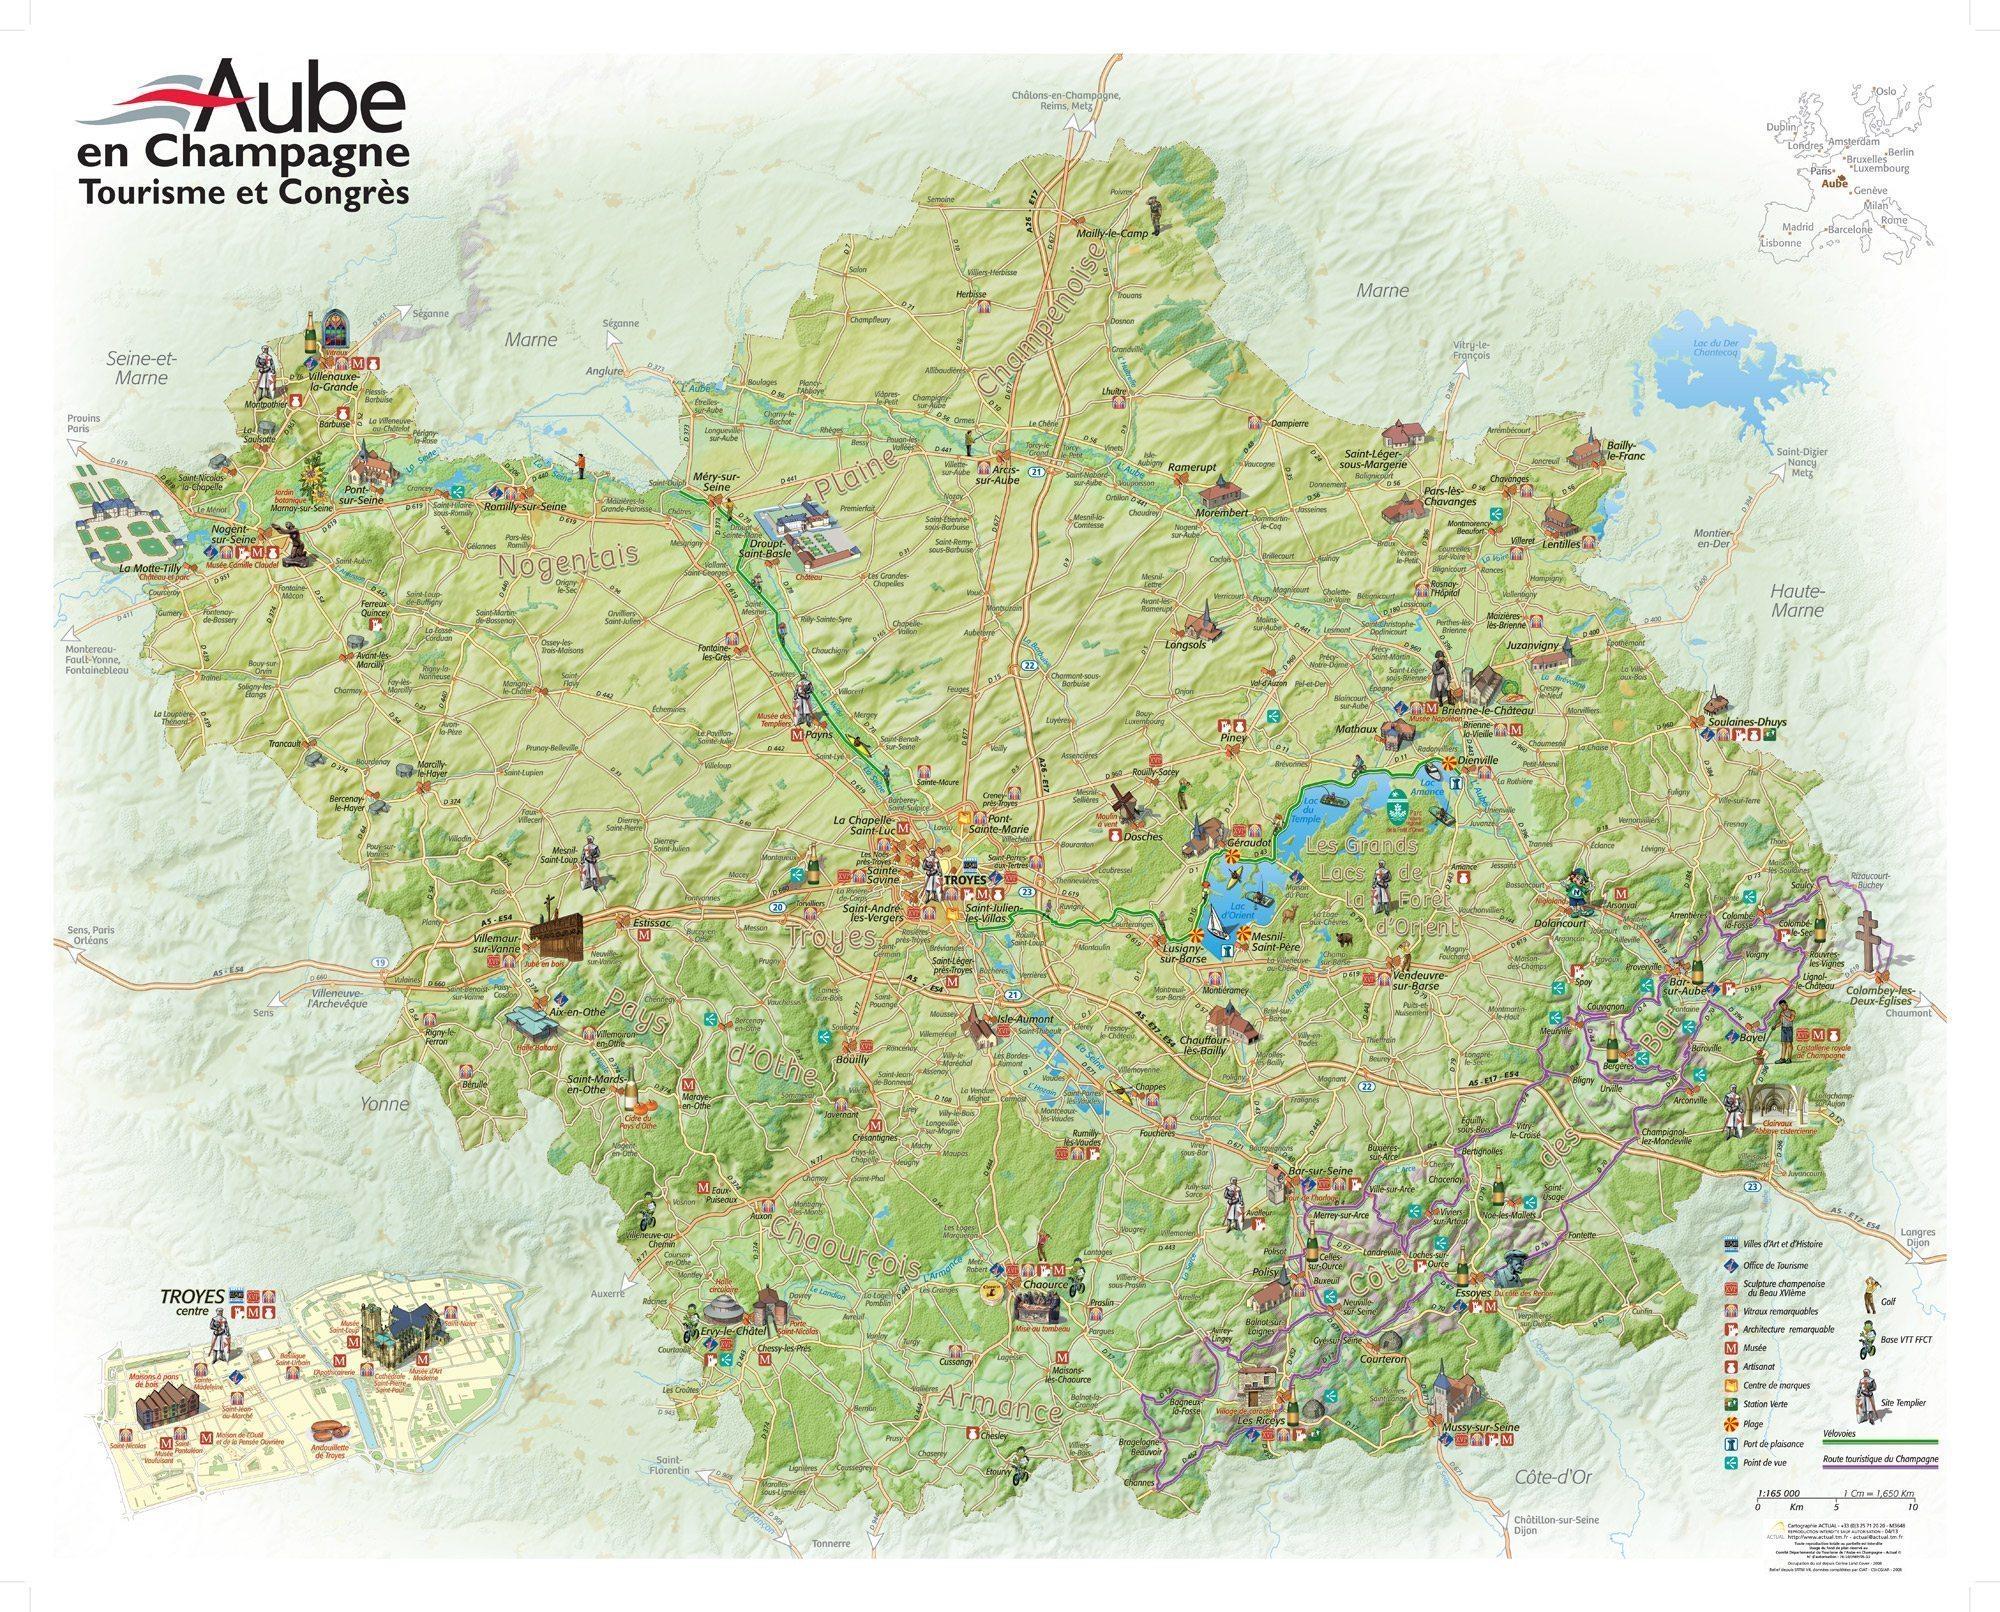 Carte touristique <br> de l'Aube en Champagne